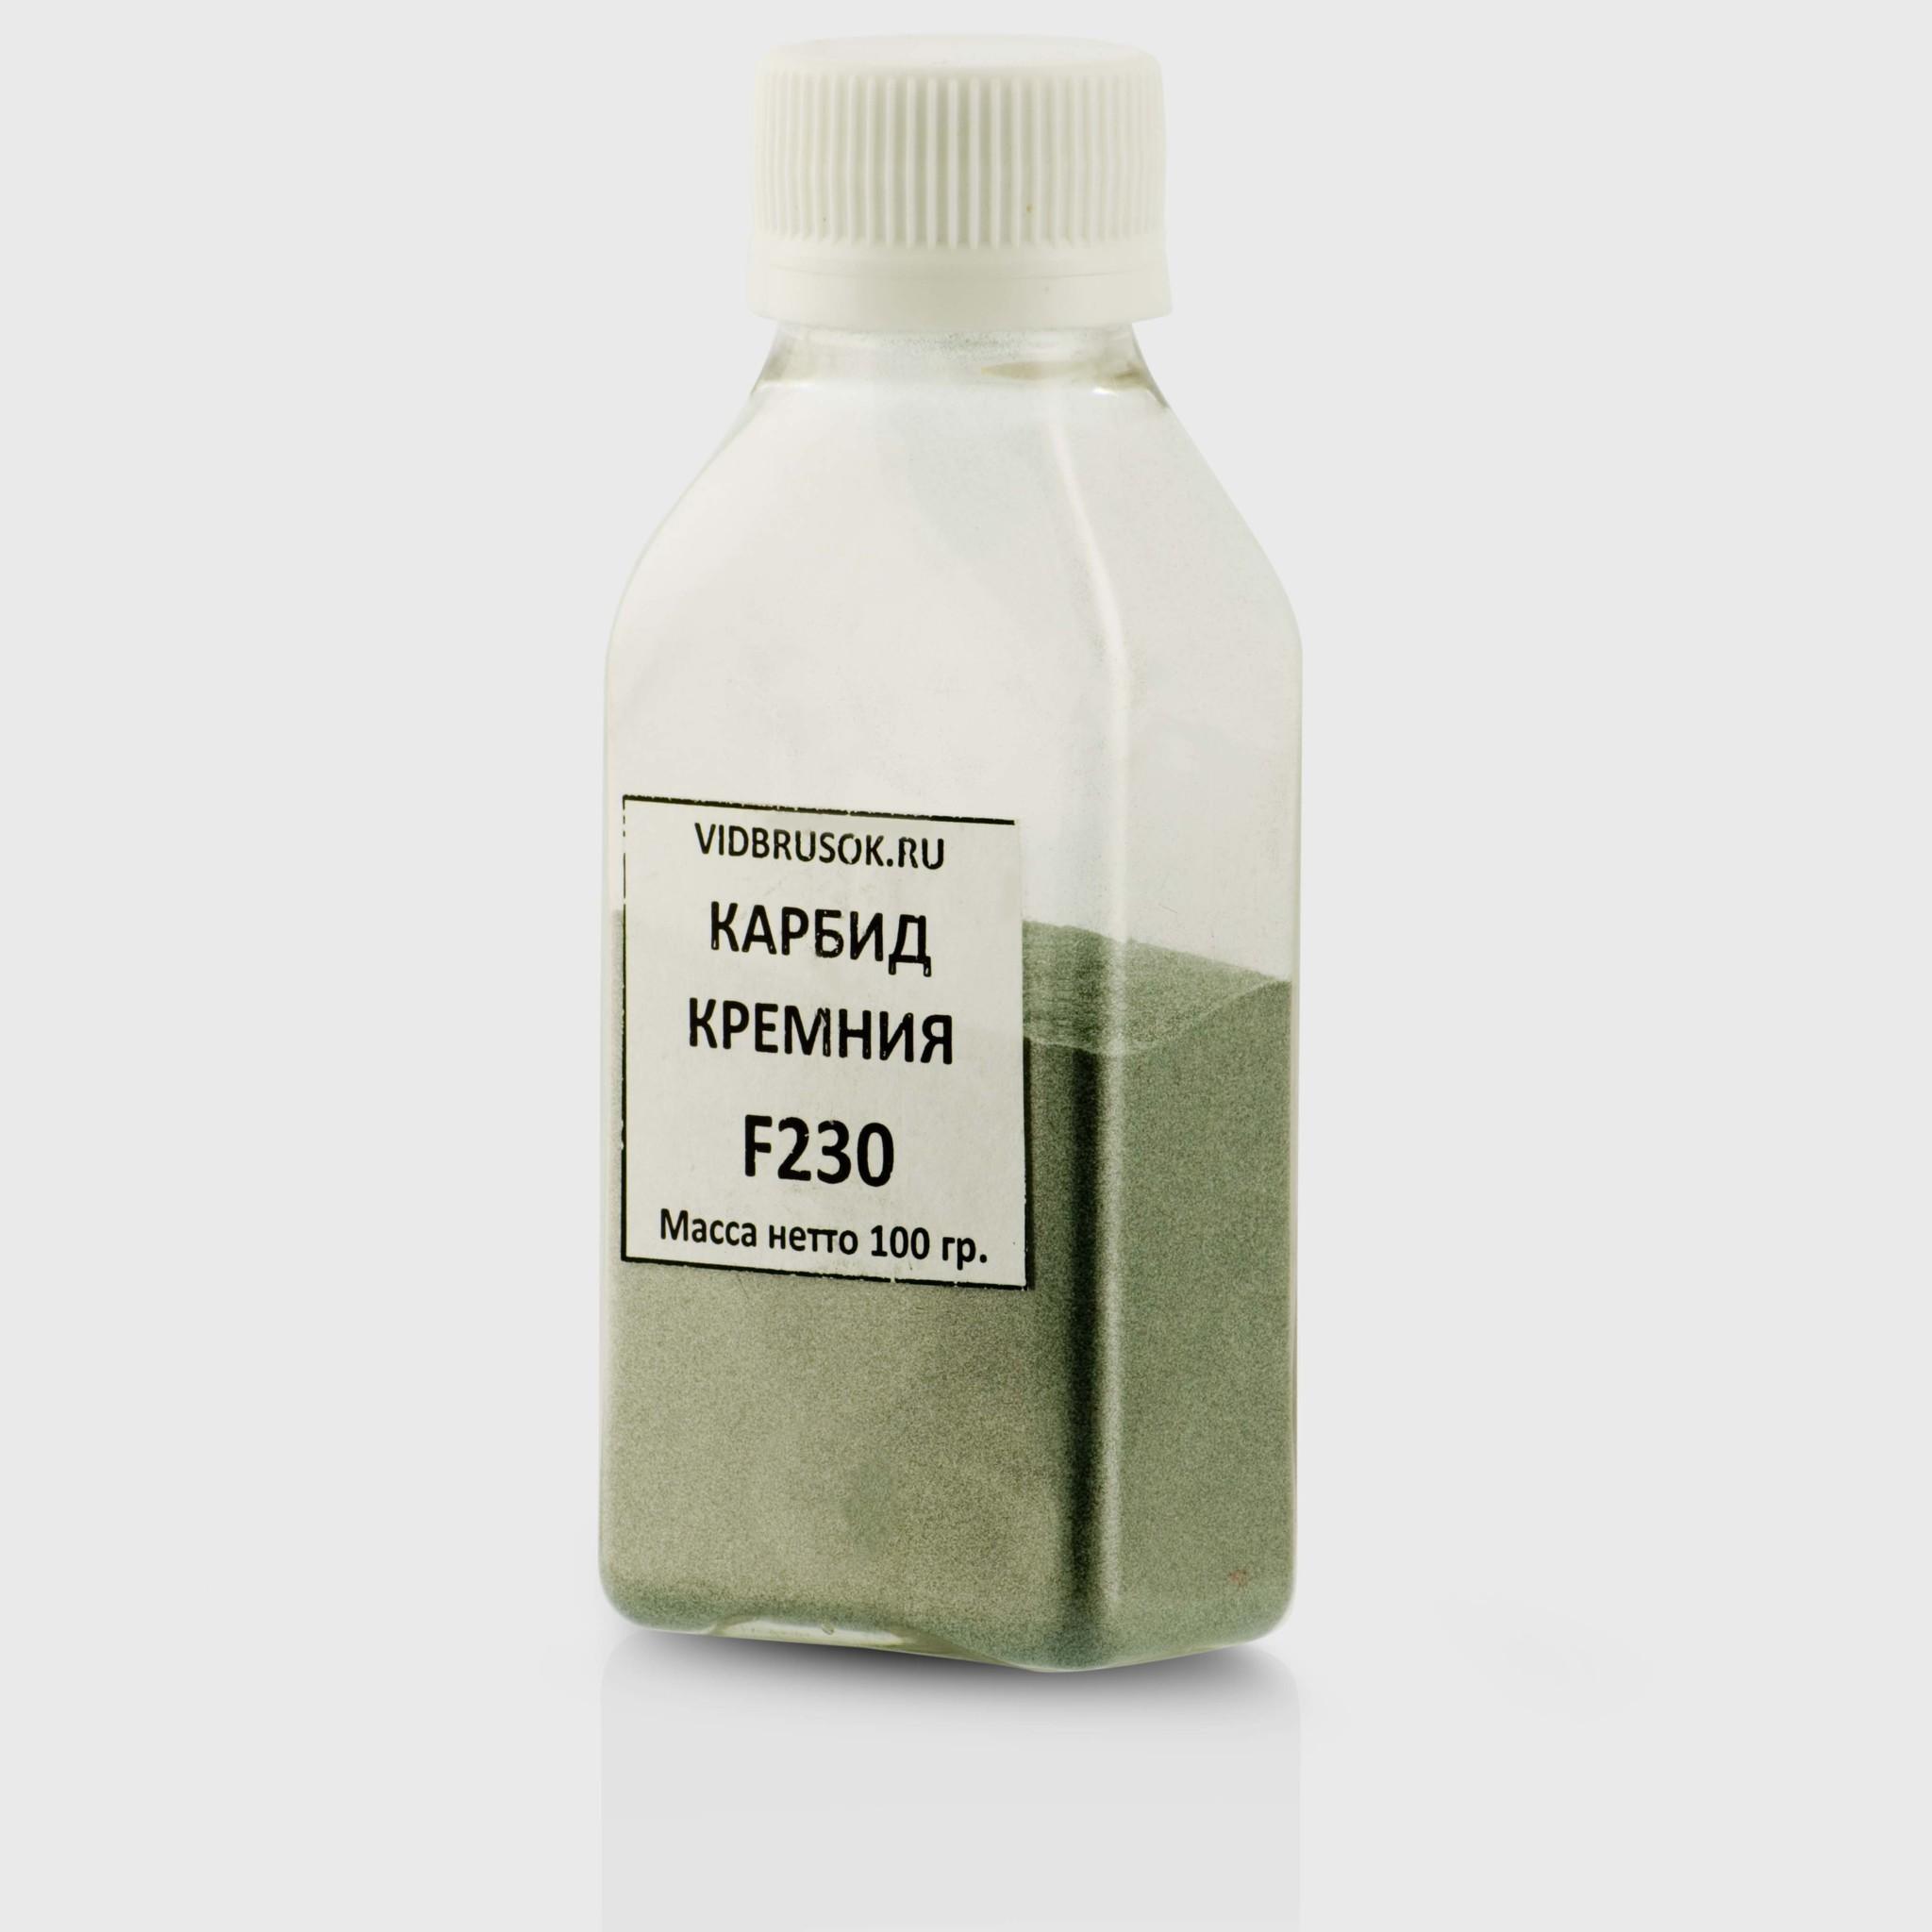 Карбид кремния Карбид кремния F360 100 гр. КК230.jpg